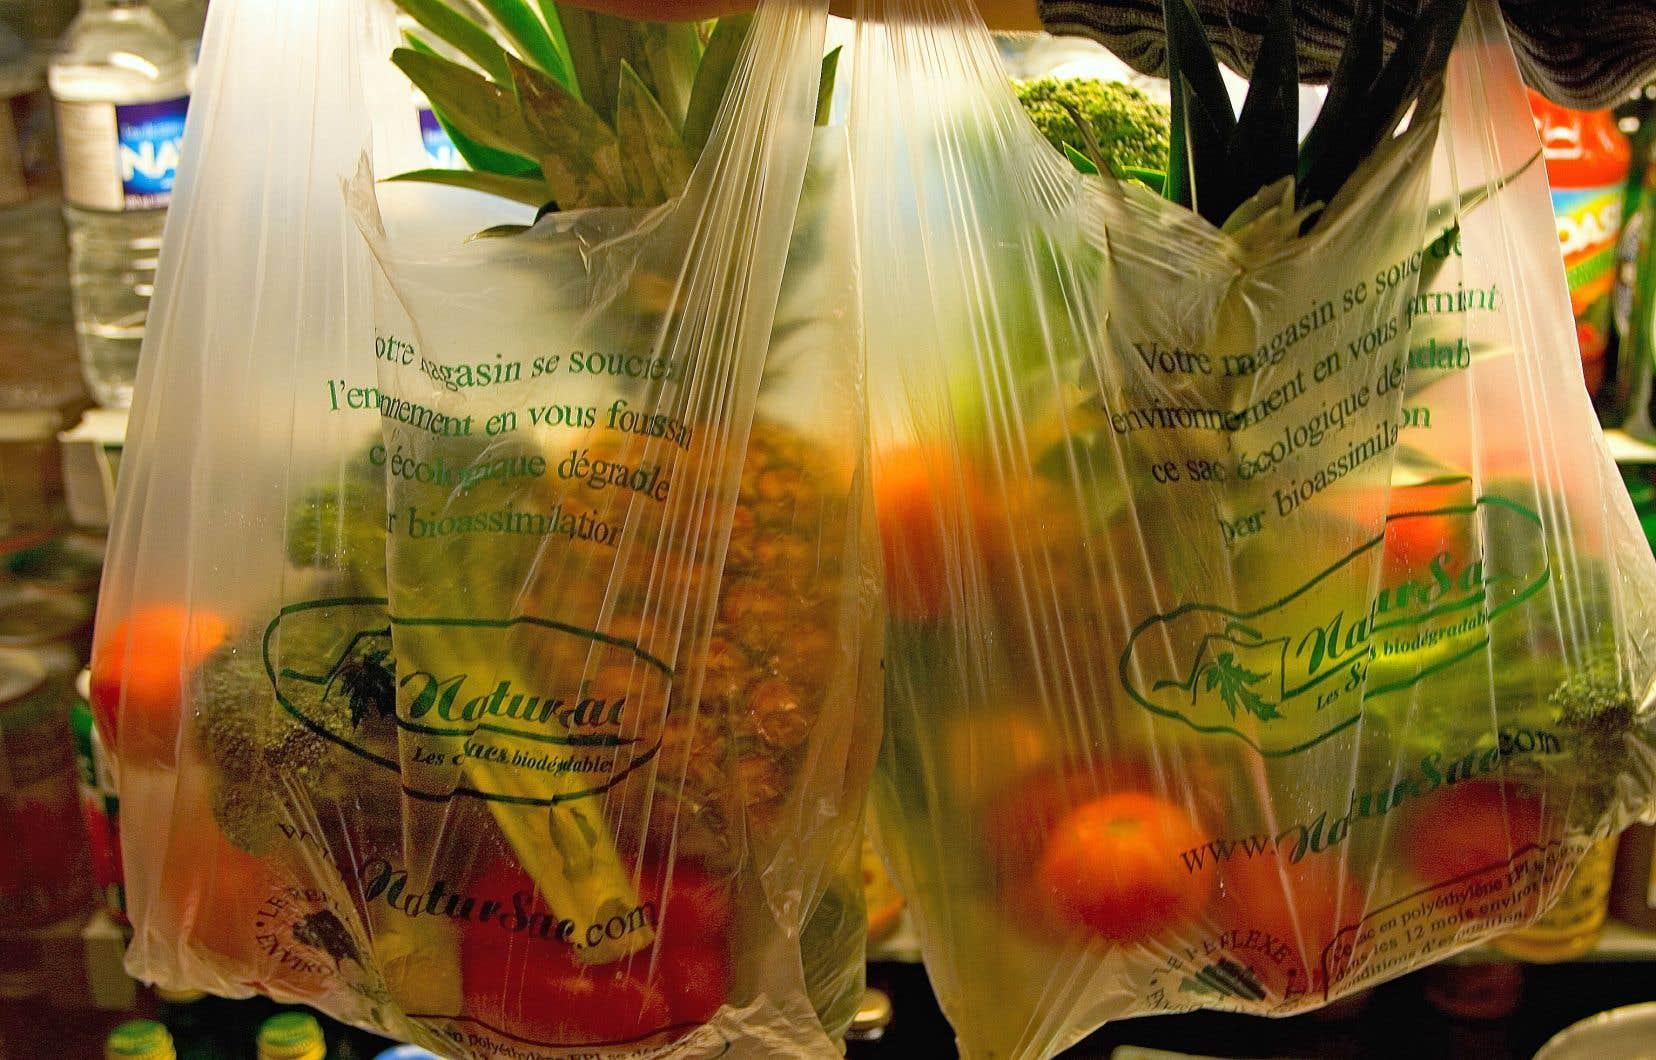 Les sacs «oxo-fragmentables» ne sont pas compostables. Il s'agit plutôt de sac de polyéthylène, qui se fragmentent en petites particules qui persistent dans l'environnement.